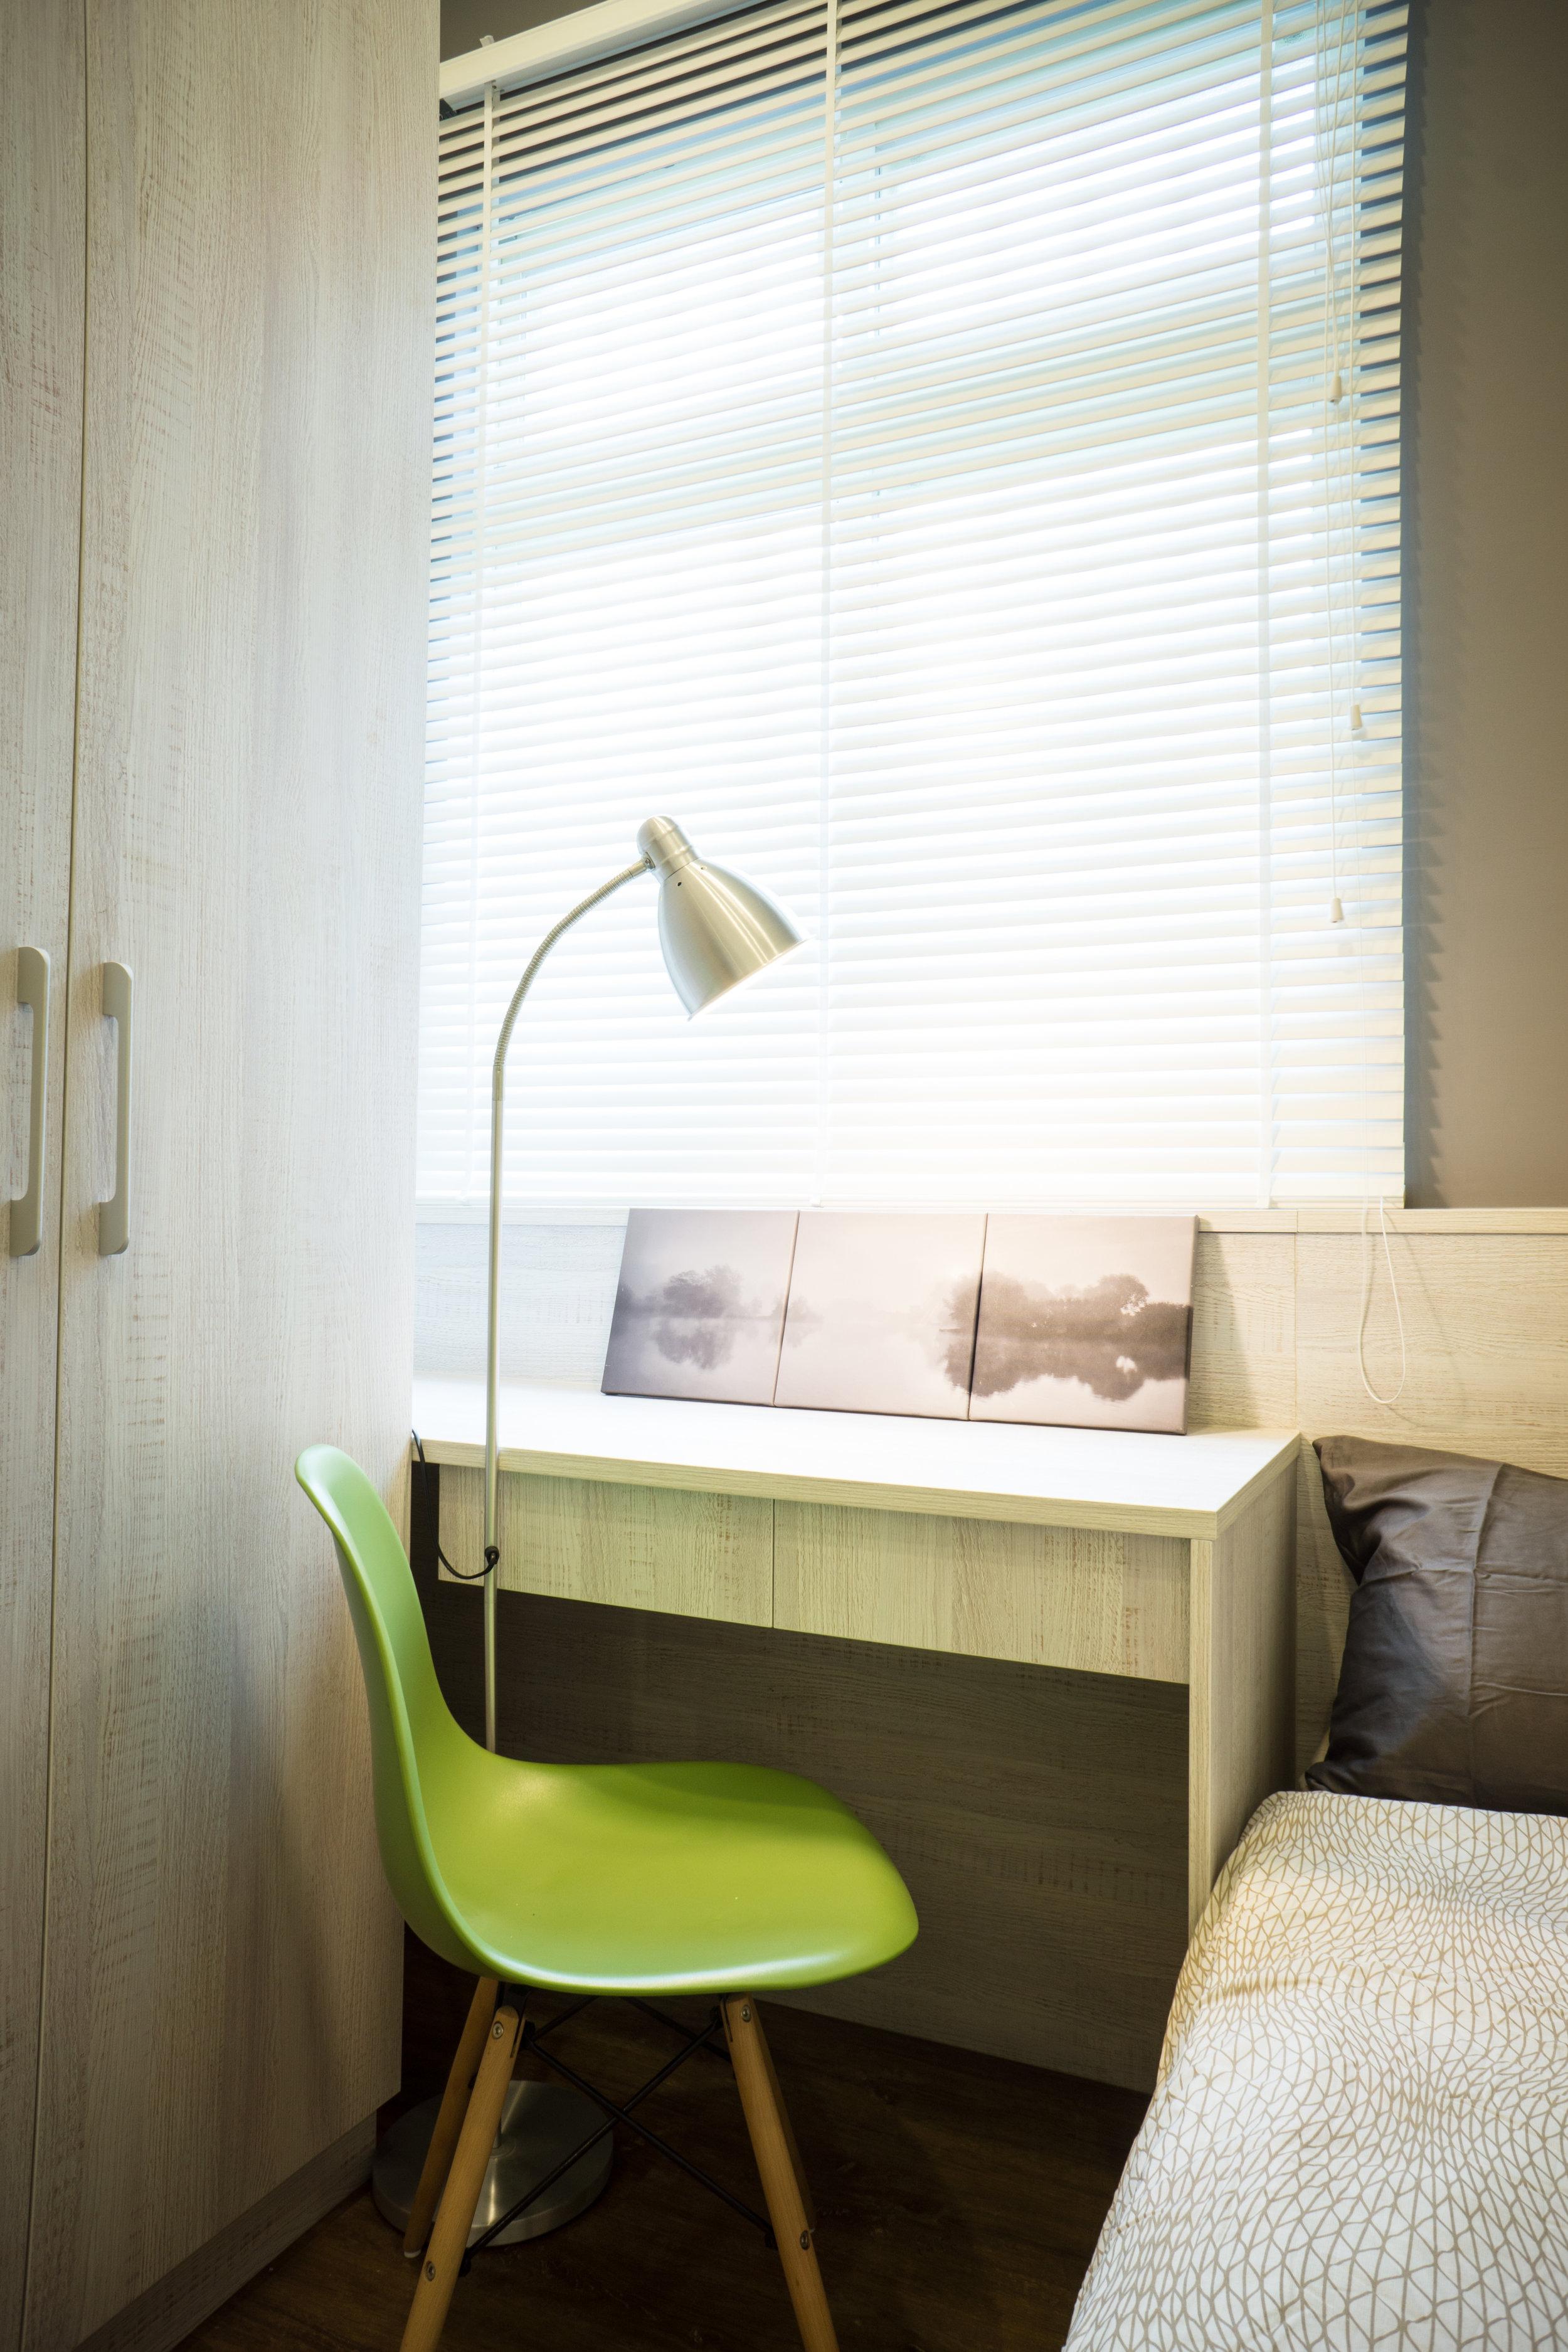 坪數雖然小,也要創造出沉靜的思考空間。房客感受生活品質提升,租金當然up! up!